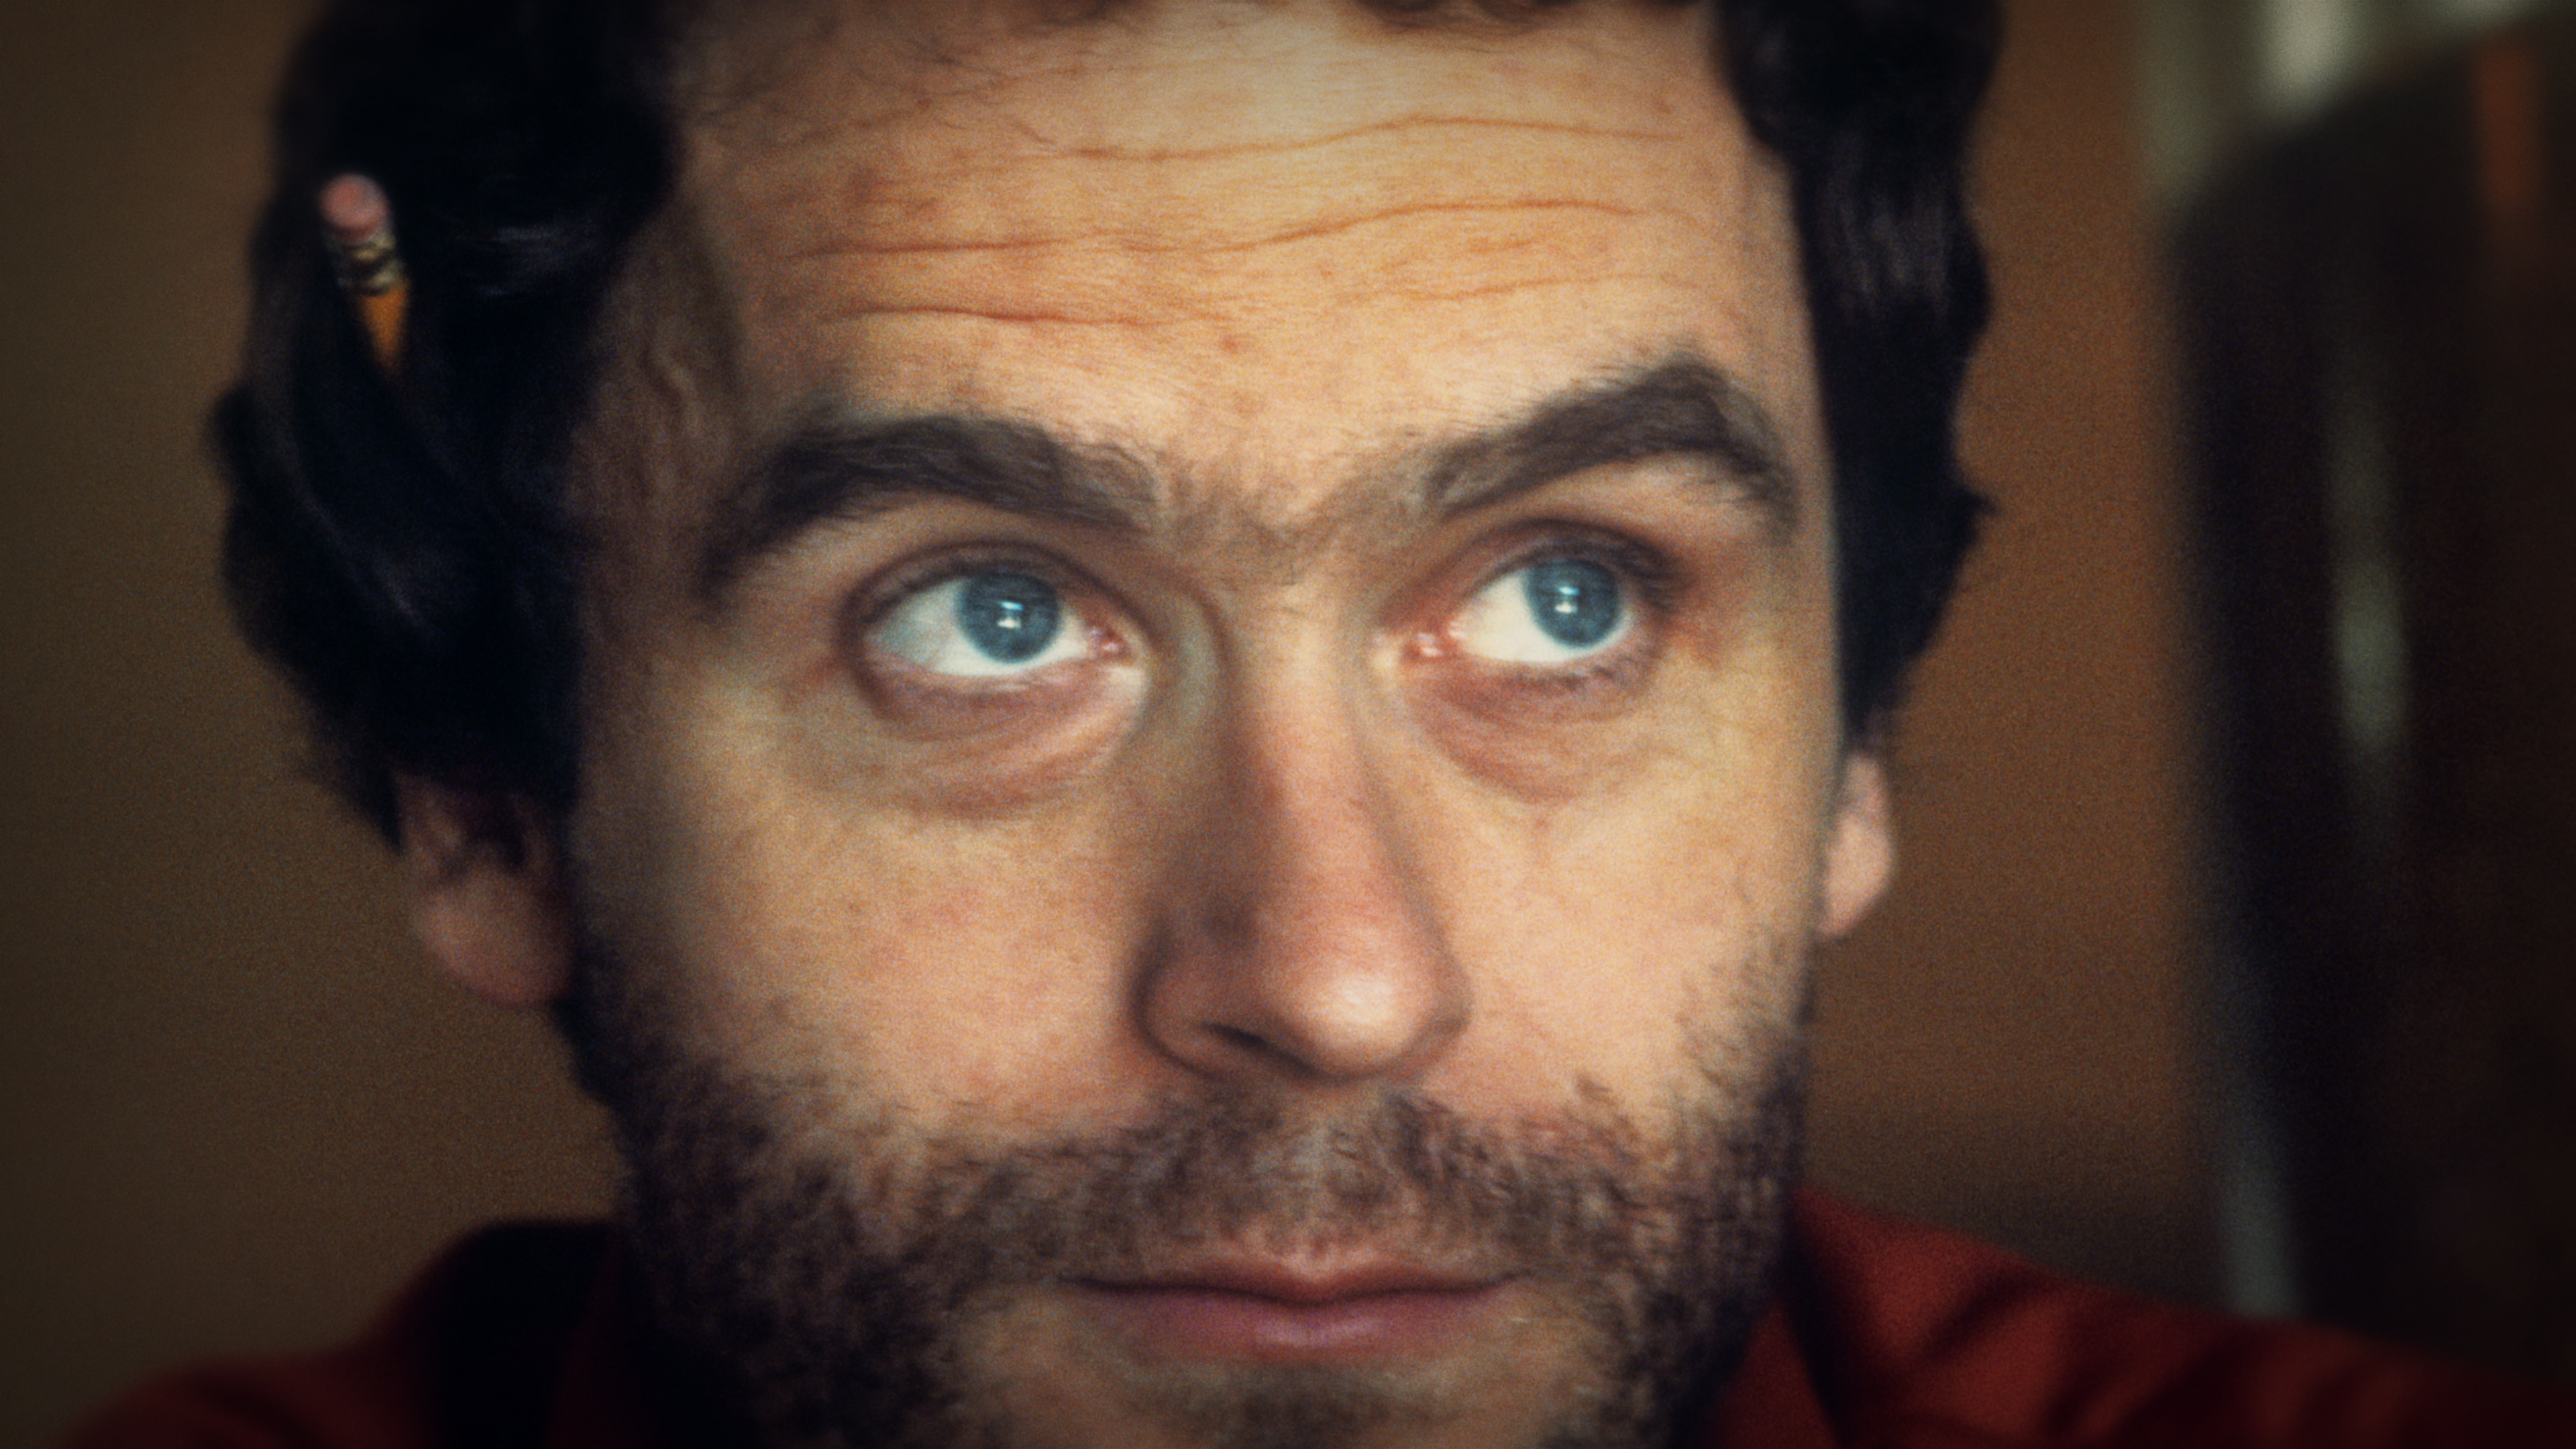 Je li Ted Bundy ikad priznao svoja ubojstva? 'Istina je užasna'